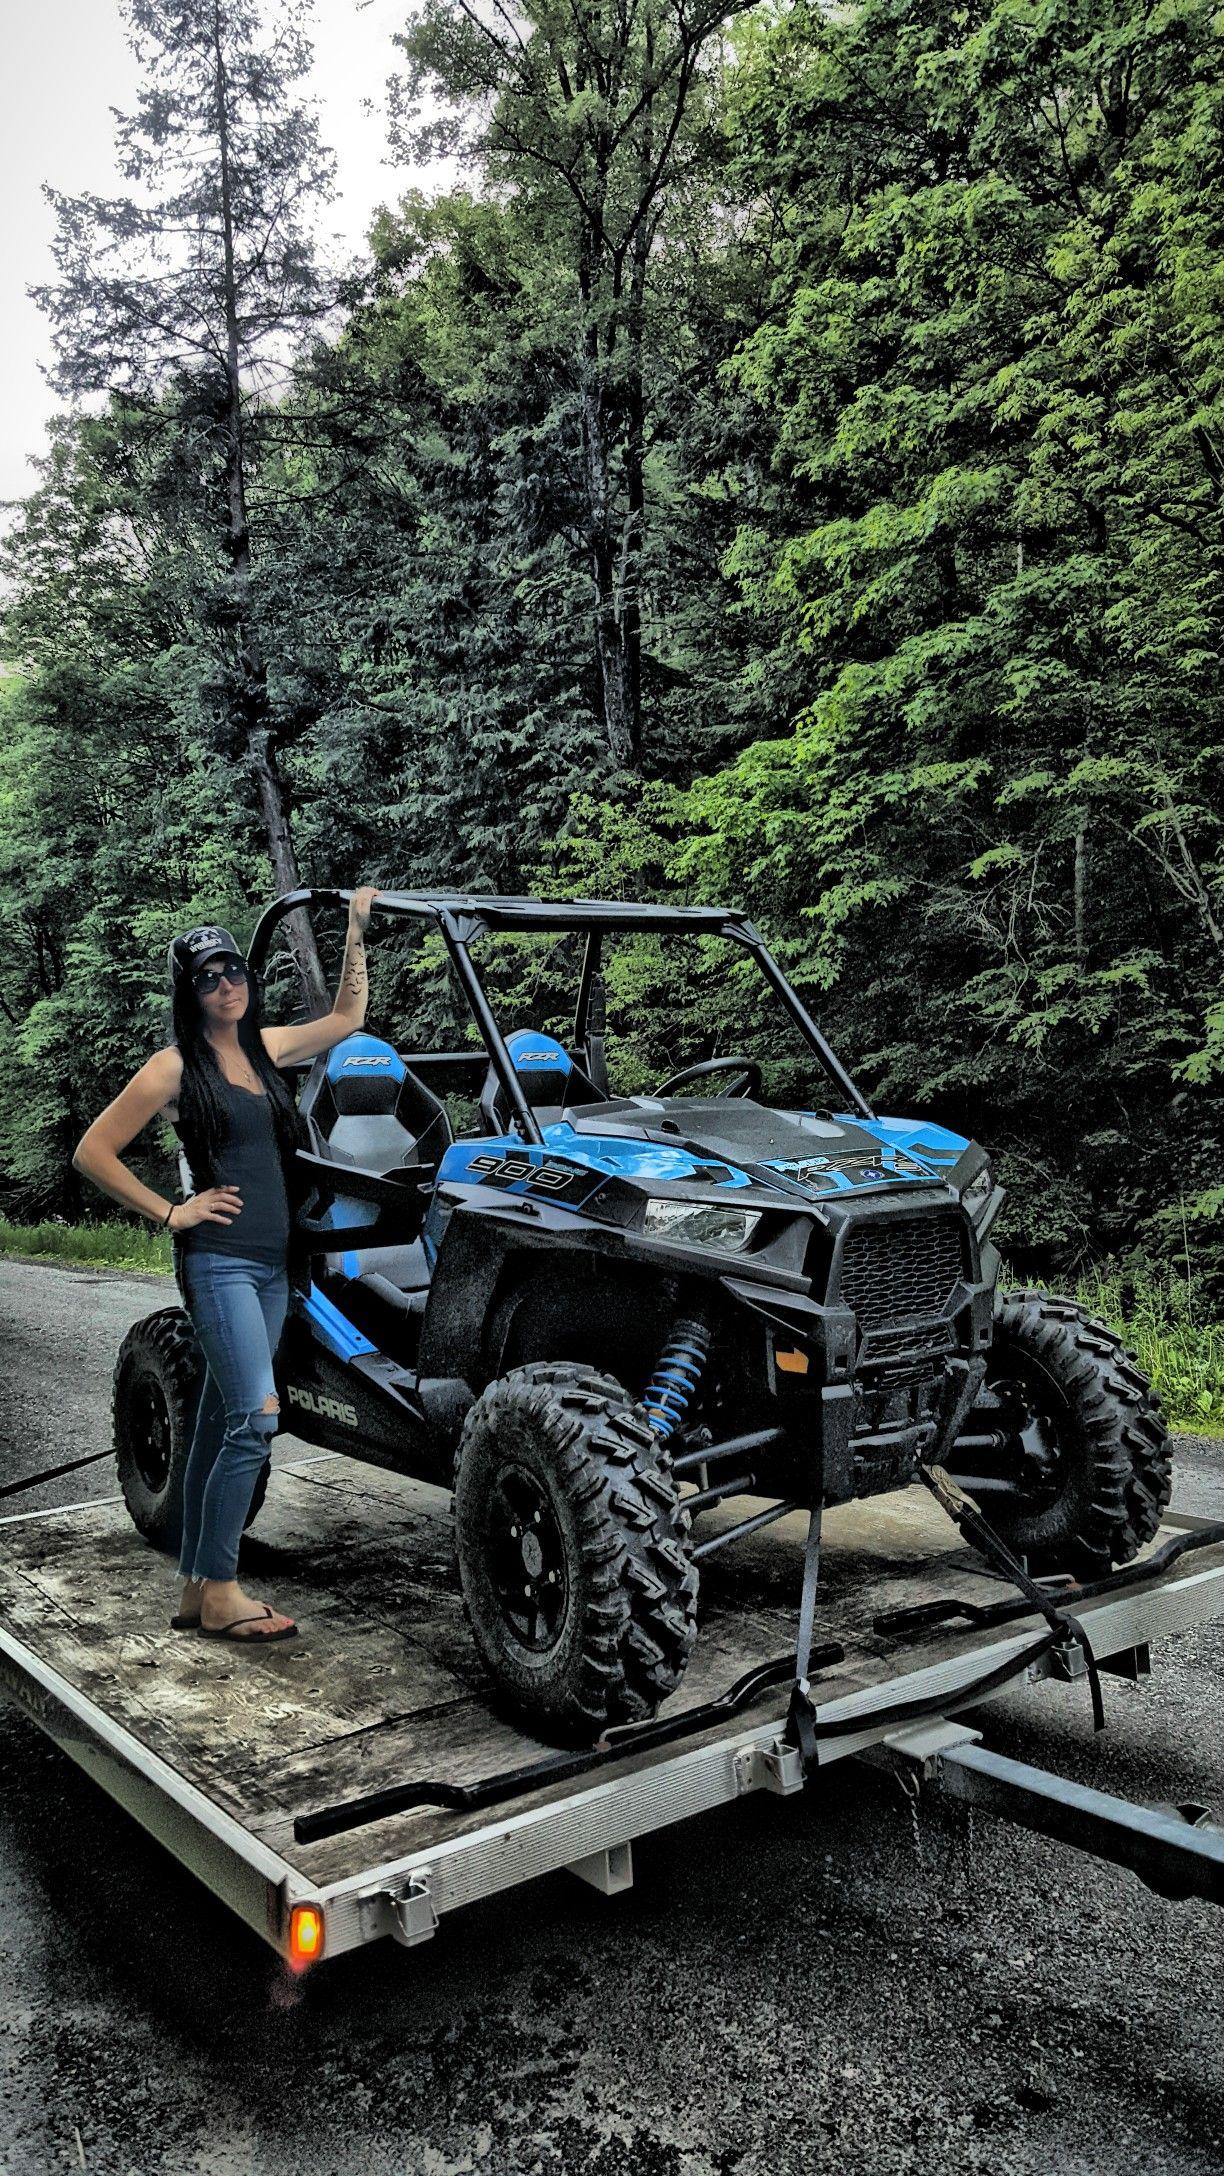 Blue Rzr 900 Offroad Atv Riding Atv Quads